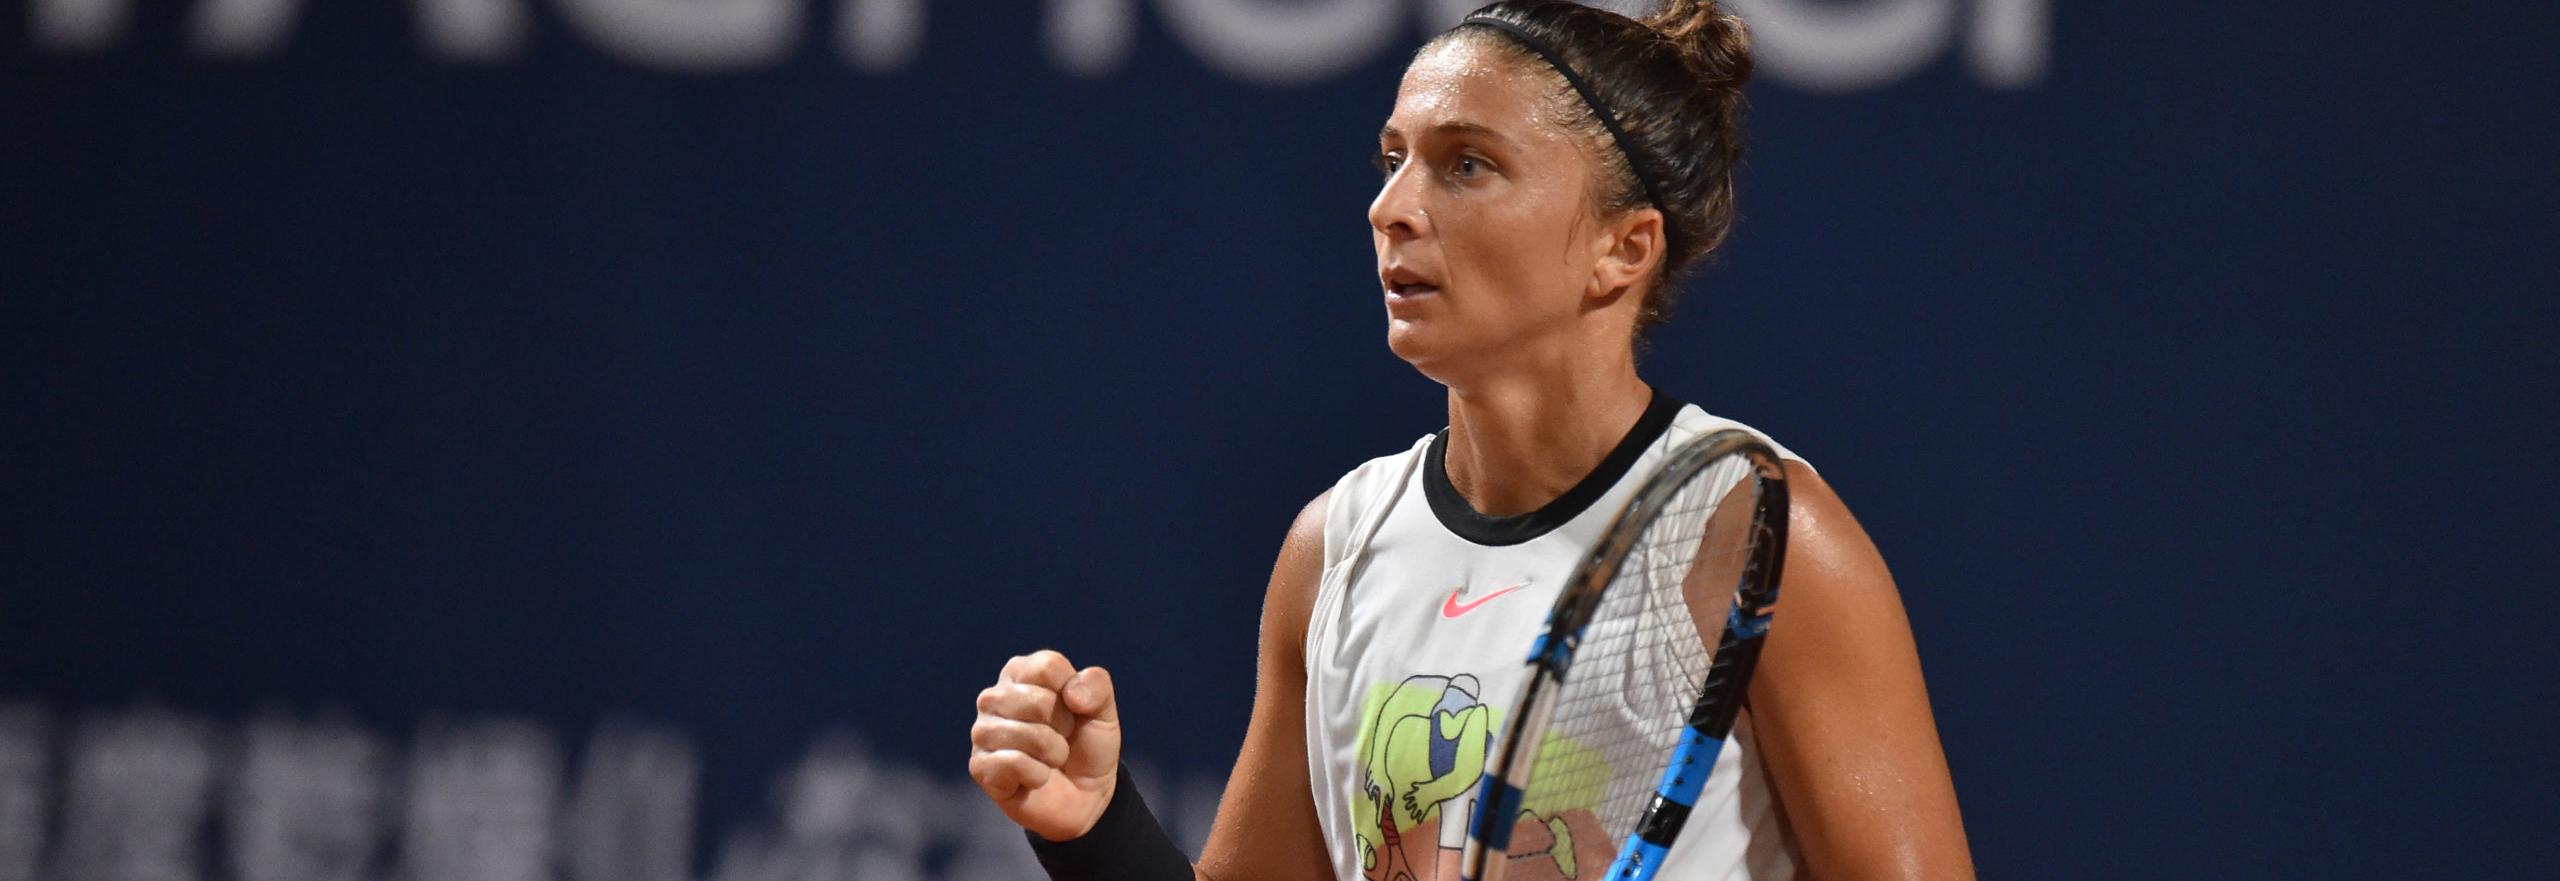 Pronostici e quote Roland Garros 2020: incognita Fognini, speranza Errani - 4 consigli per il day 2